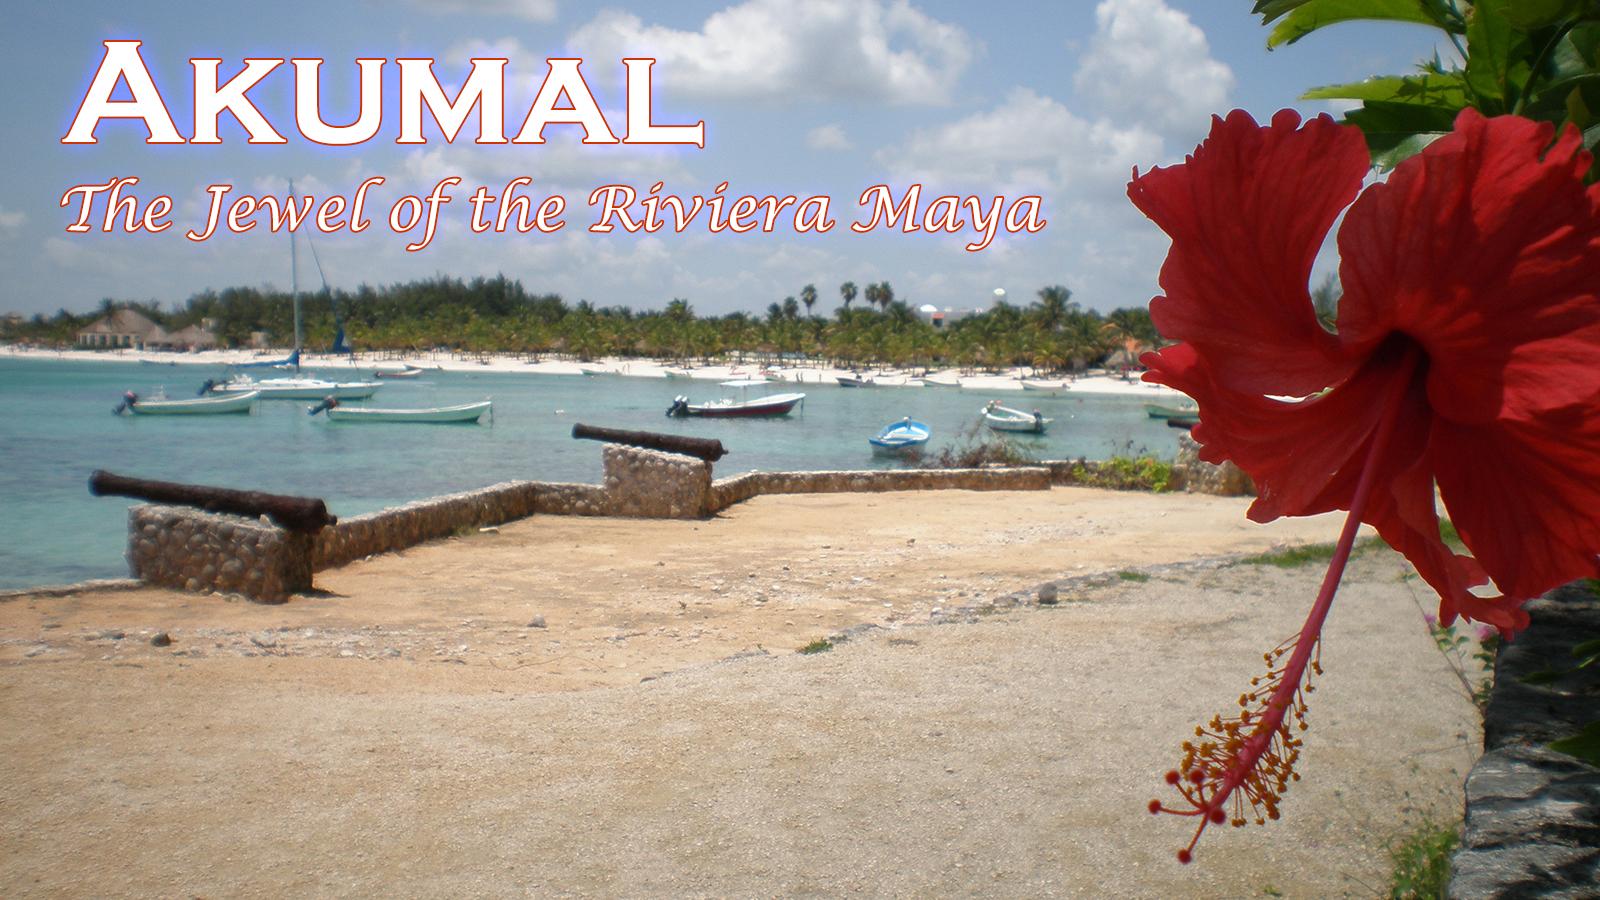 Bay of Akumal